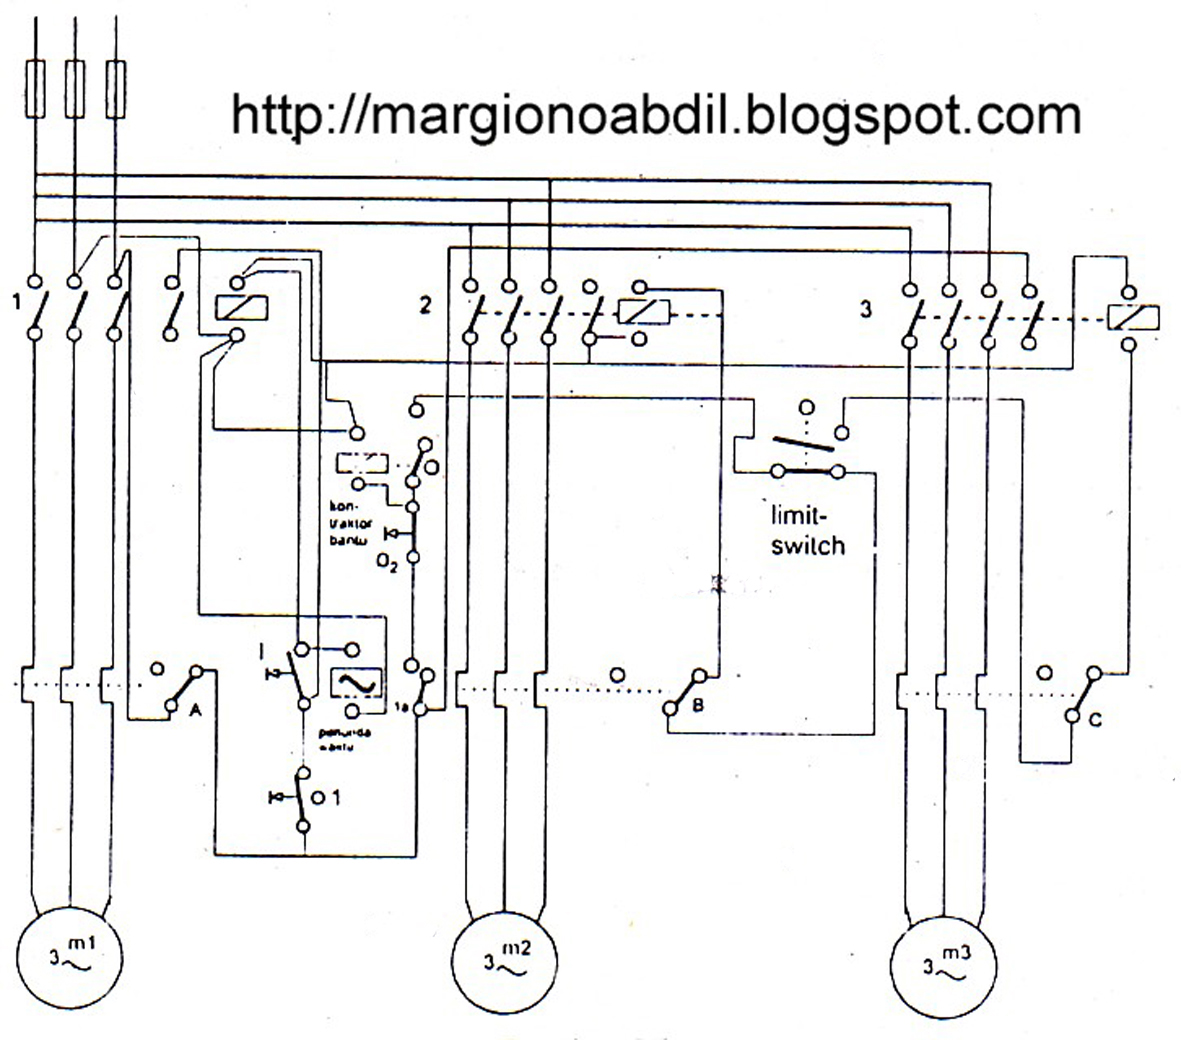 Kumpulan gambar wiring diagram sepeda motor terbaru codot modifikasi bagimargiono abdil ber swarovskicordoba Images